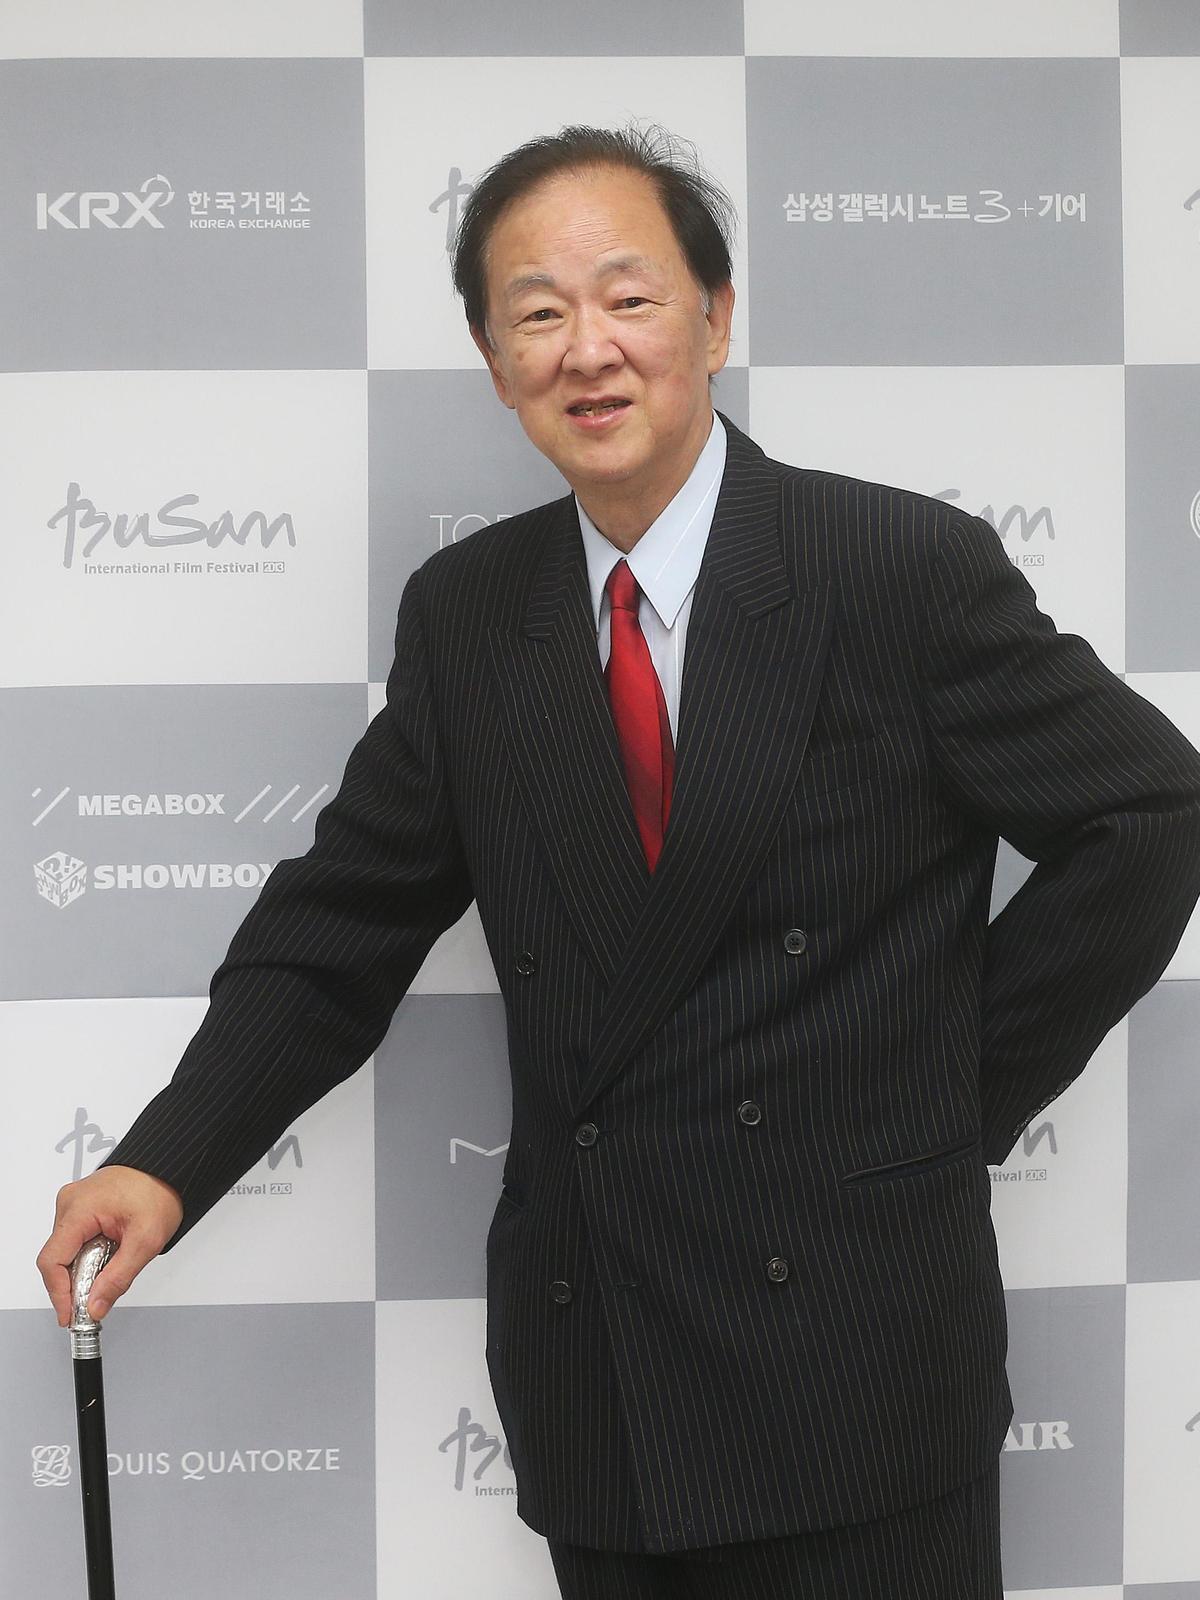 第1次中風後,2013年王羽仍可拄柺杖出席韓國釜山「亞洲明星大賞」領取最佳男演員獎。(東方IC)